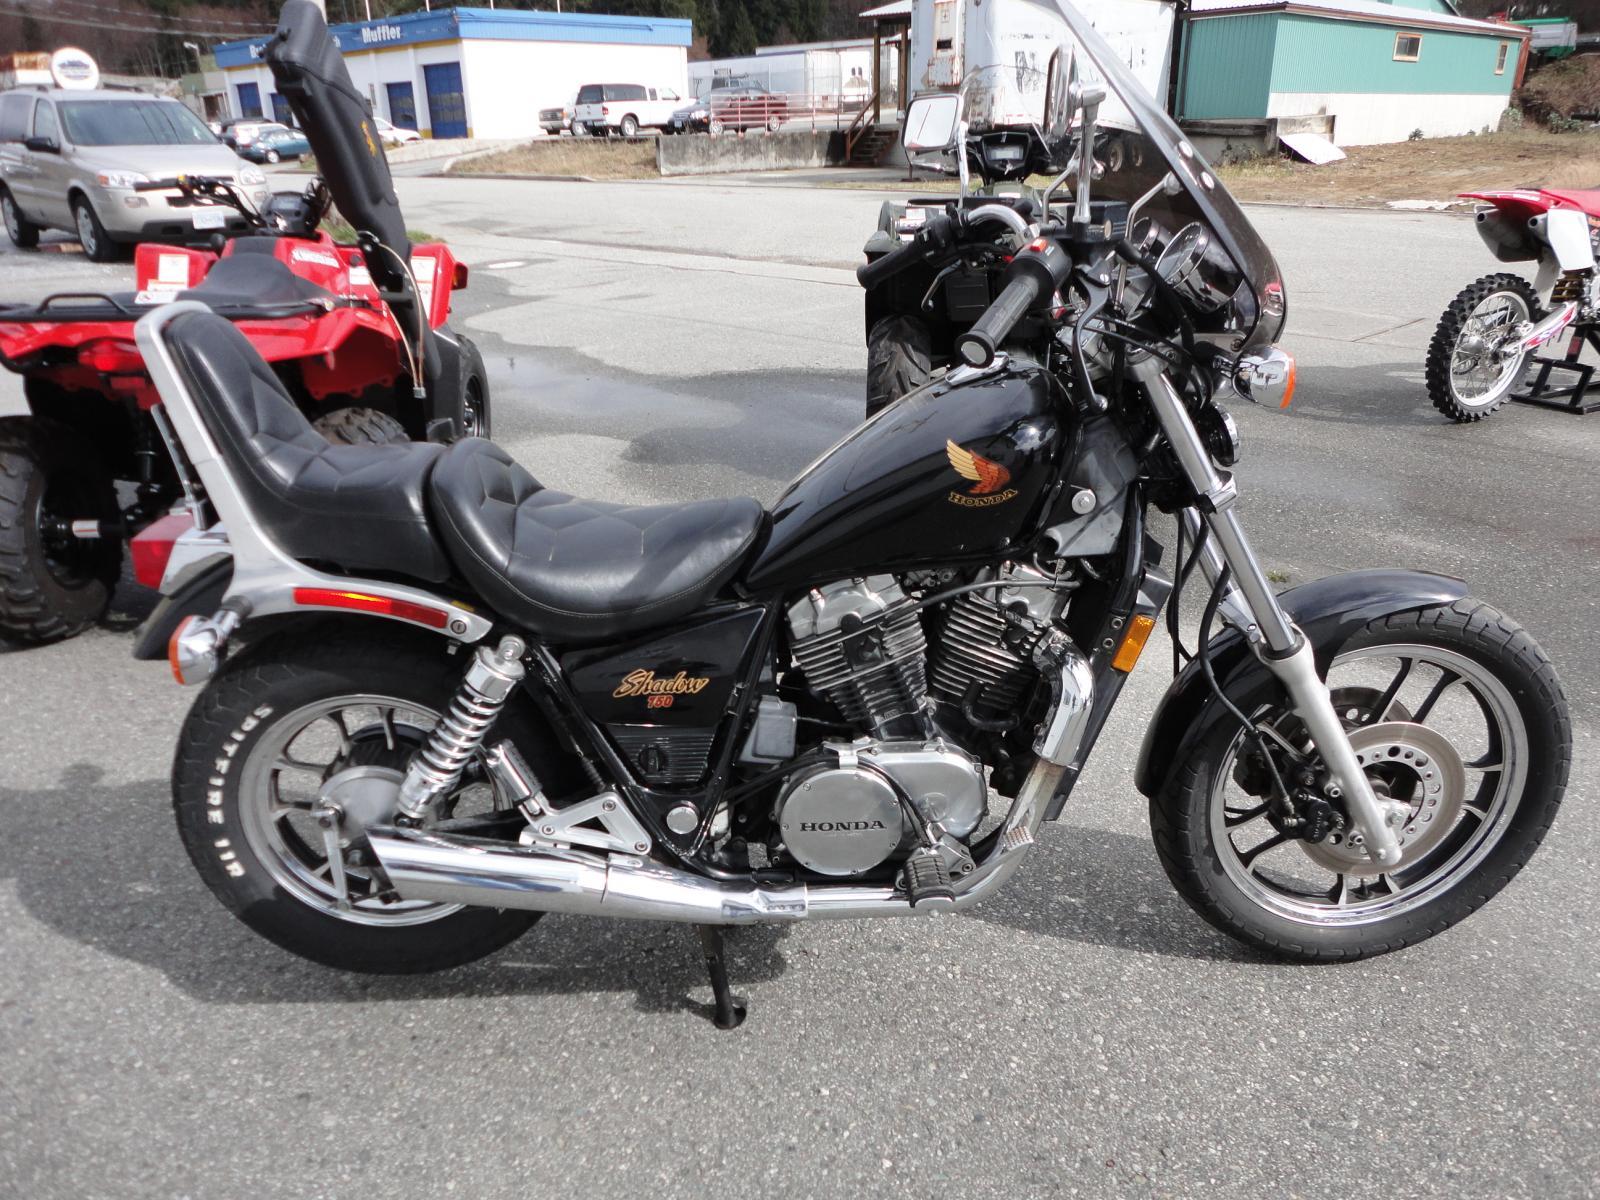 Should I Buy This 1985 Shadow 750cc For Dh Bday E Honda Shadow